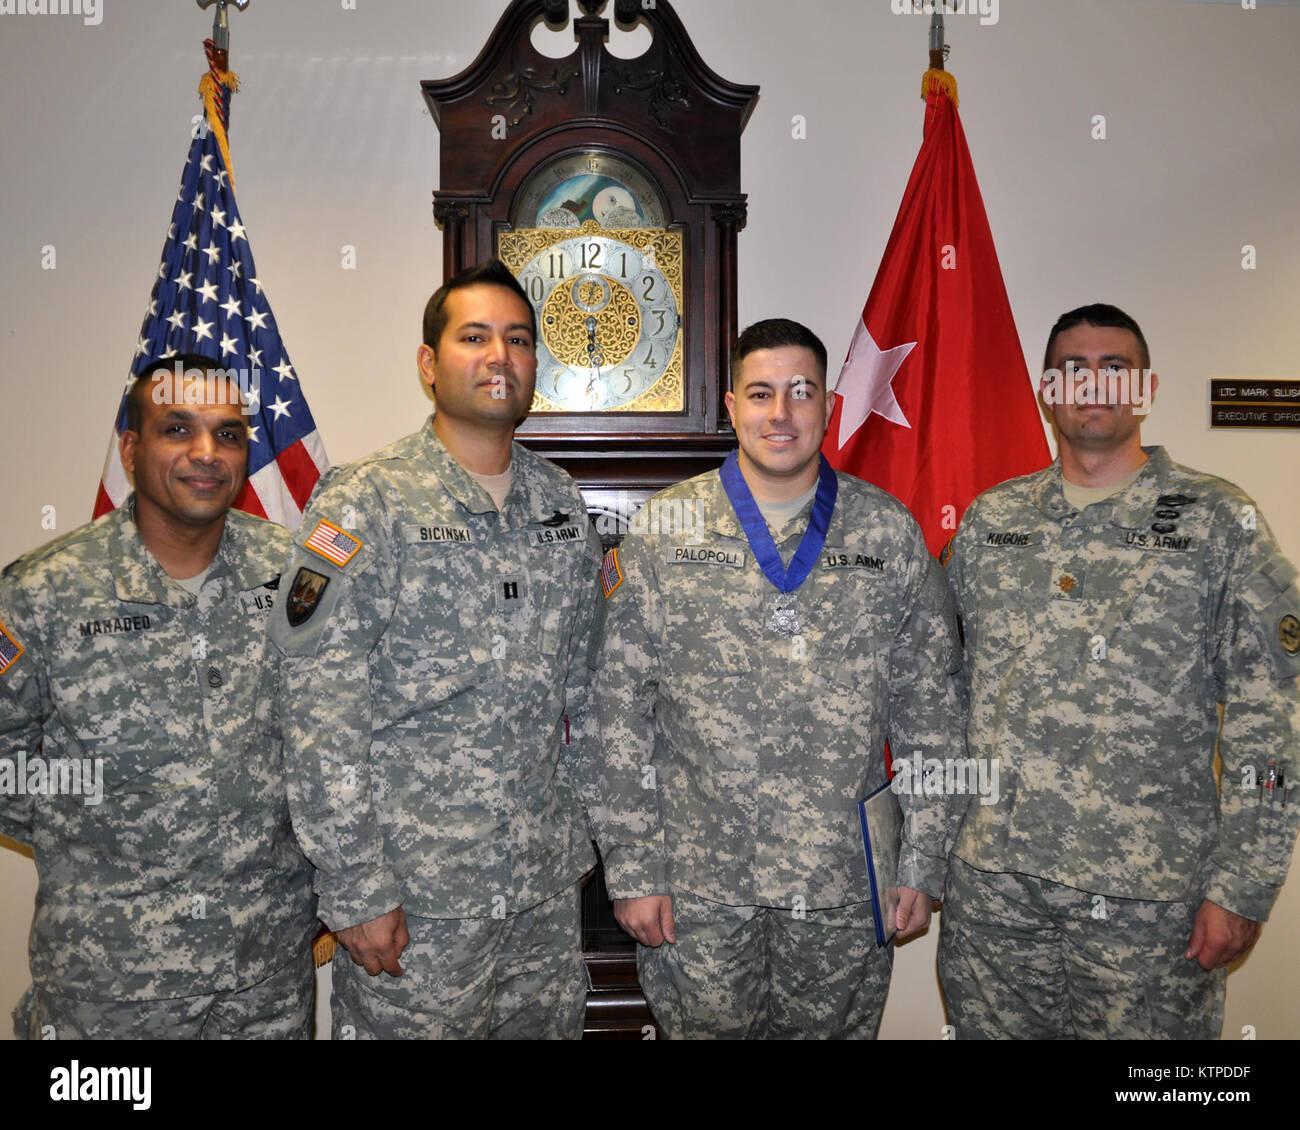 LATHAM-- Nueva York el sargento de la Guardia Nacional del Ejército. Michael Palopoli, segundo desde la derecha, Foto de stock